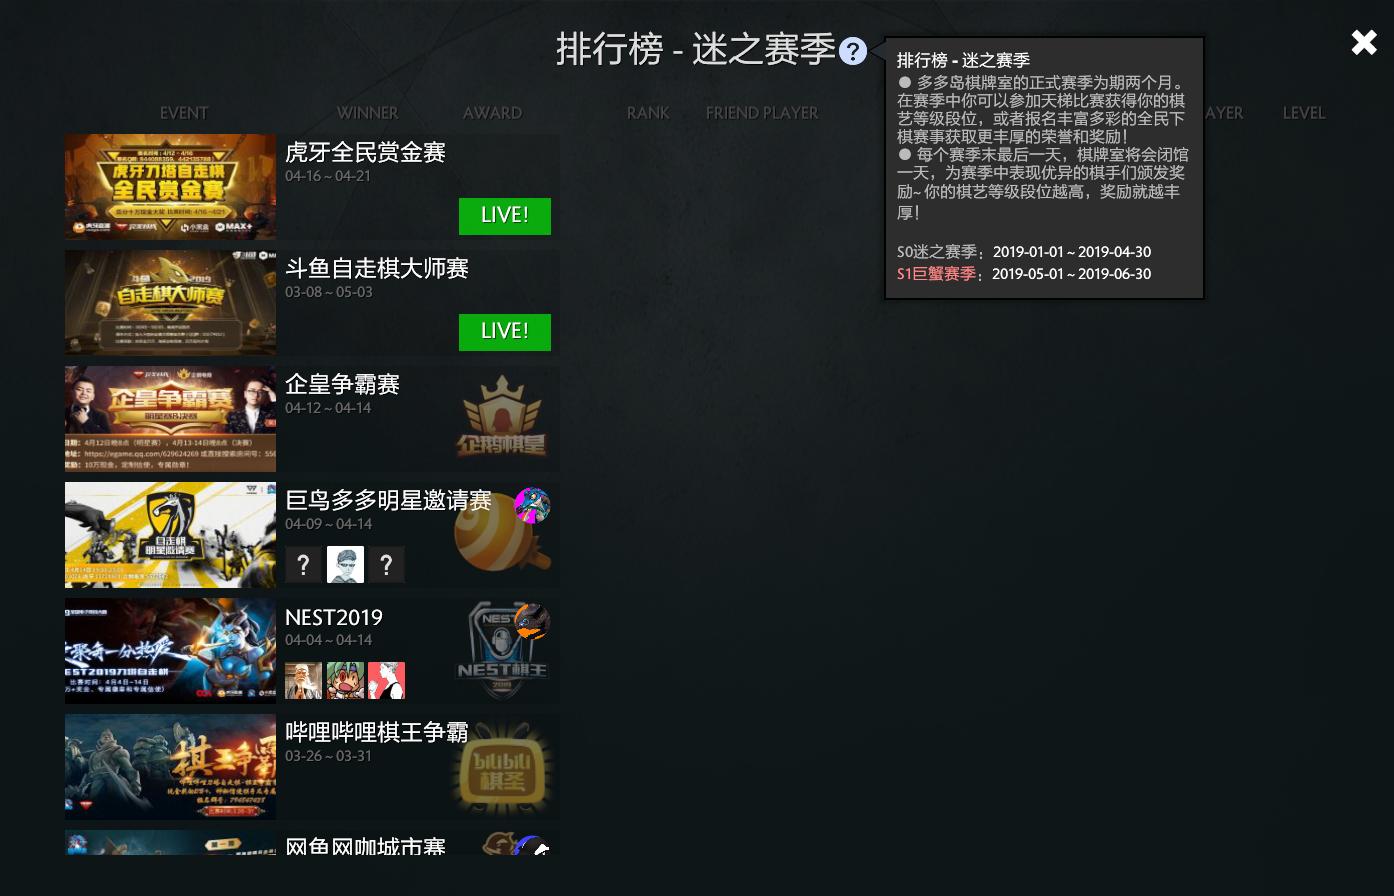 刀塔自走棋测试服连续更新:新职业新棋子新赛季